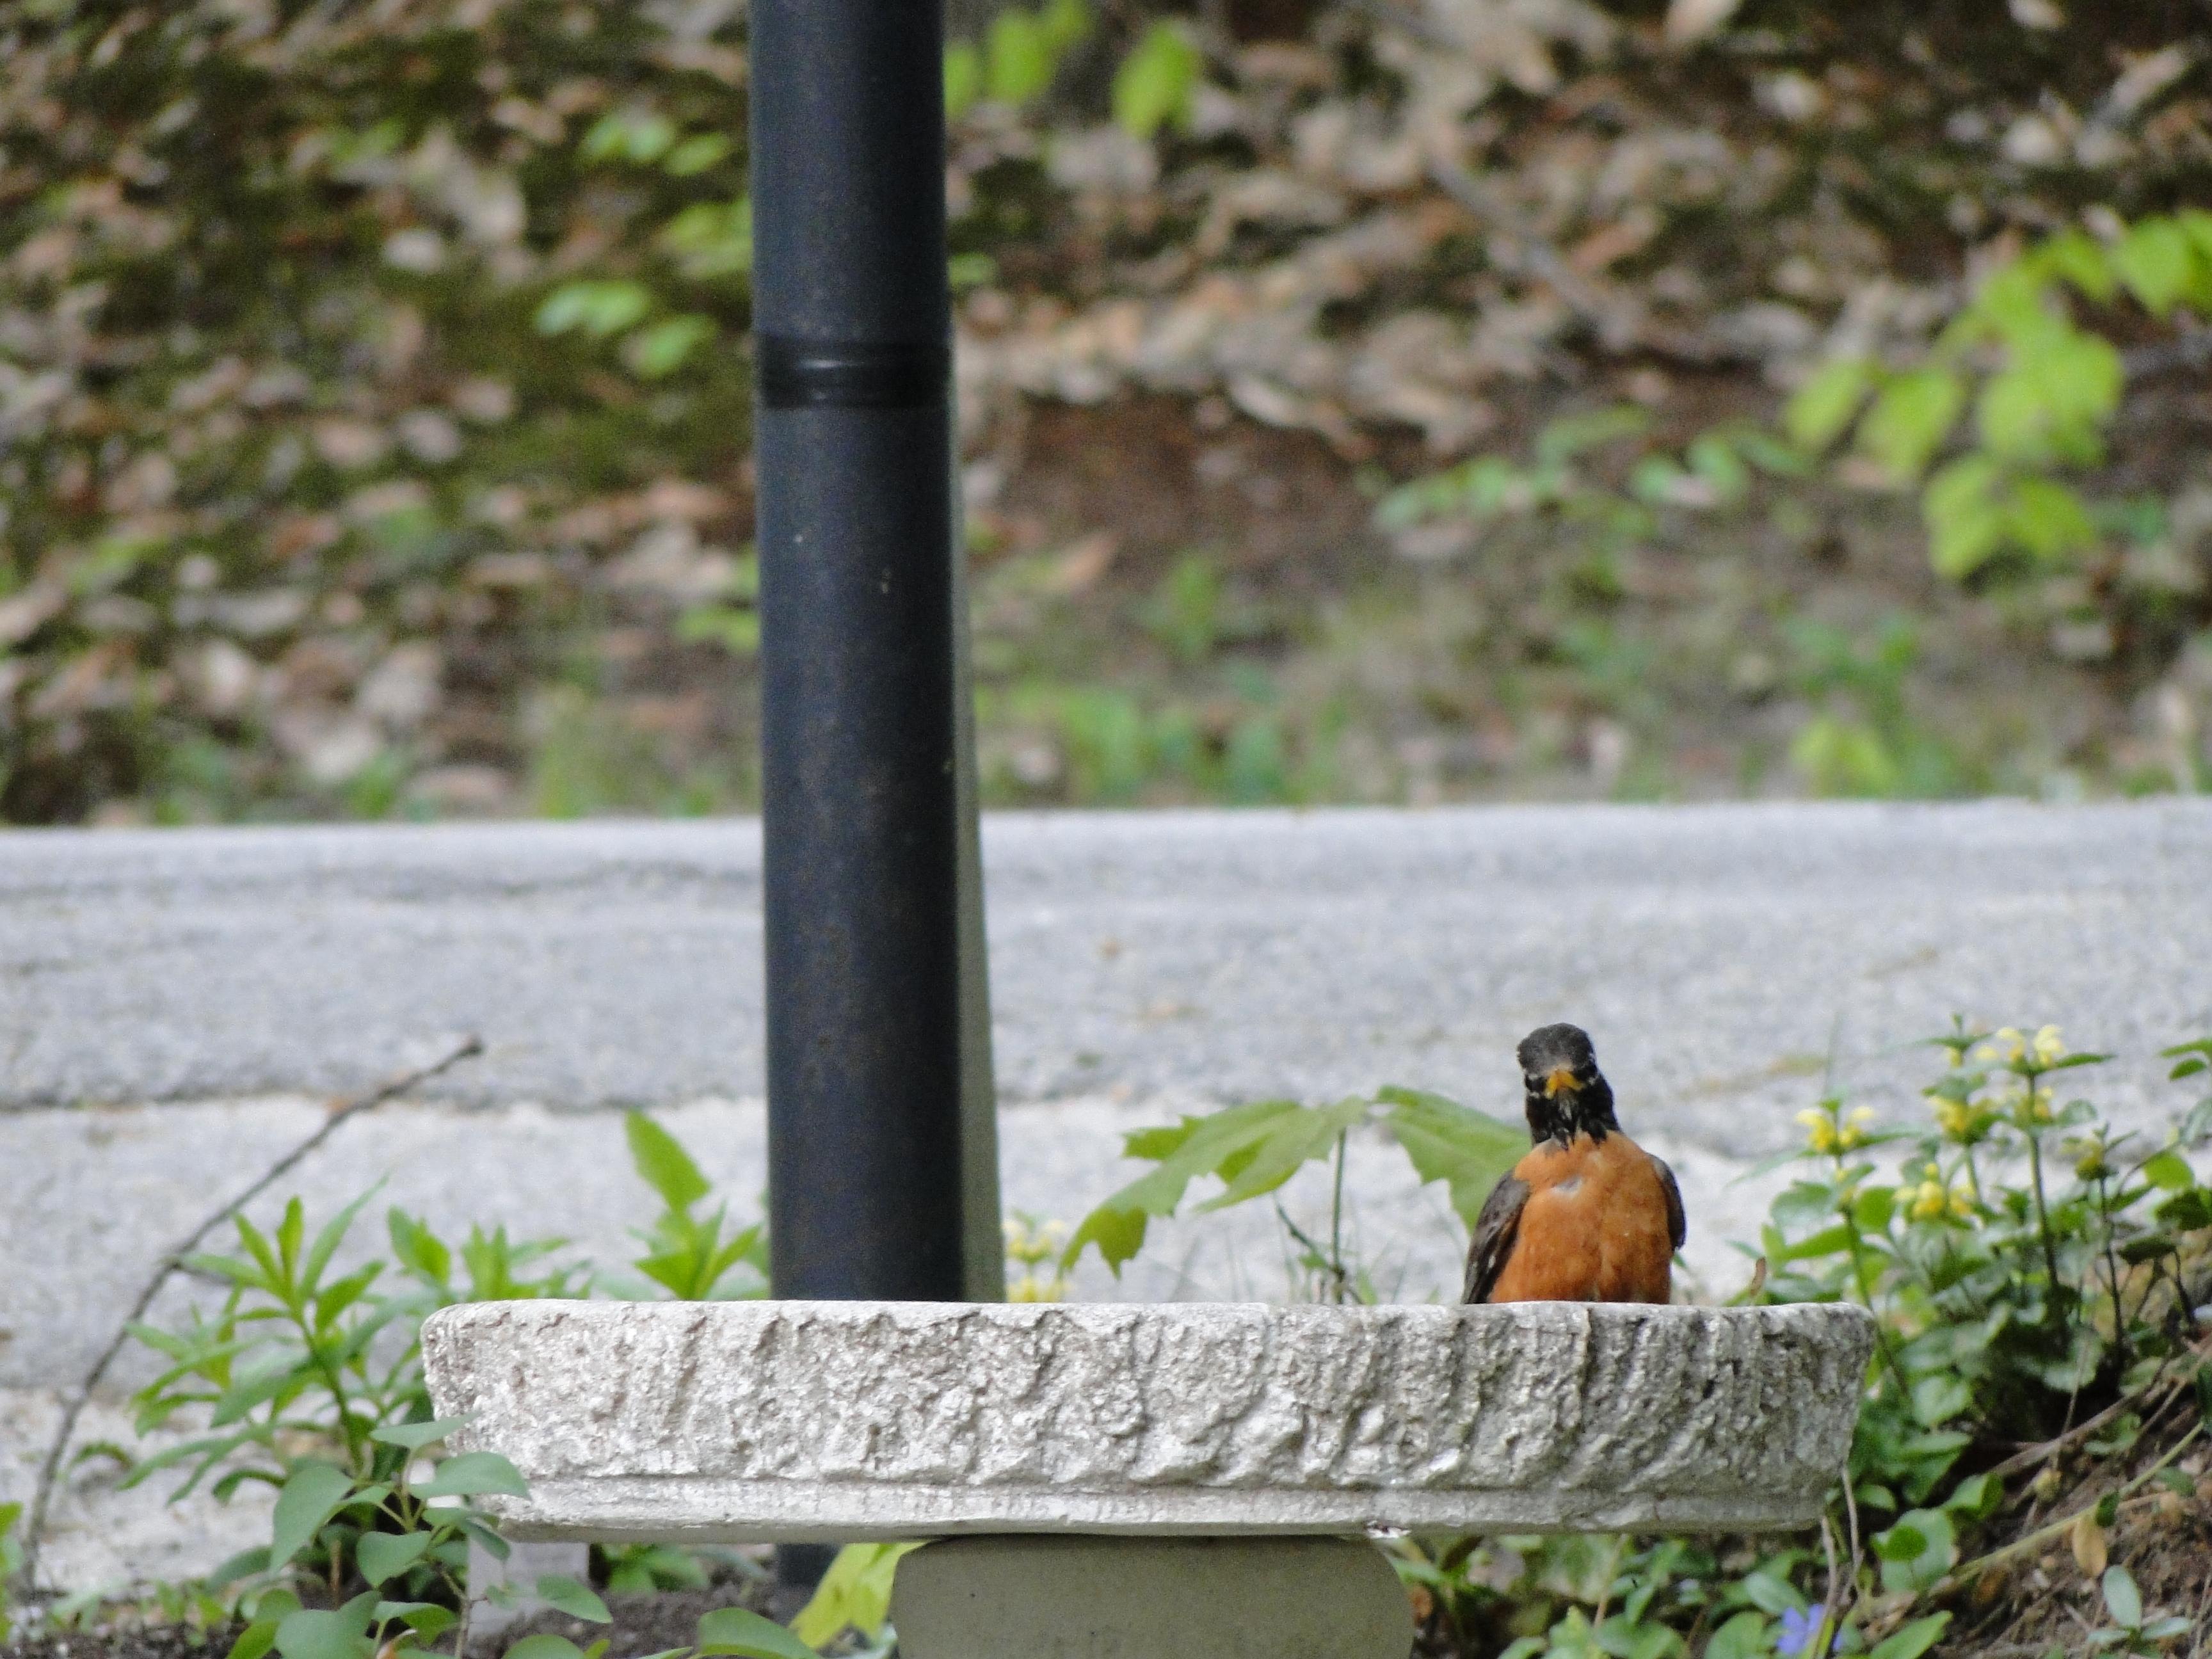 Robin in birdbath